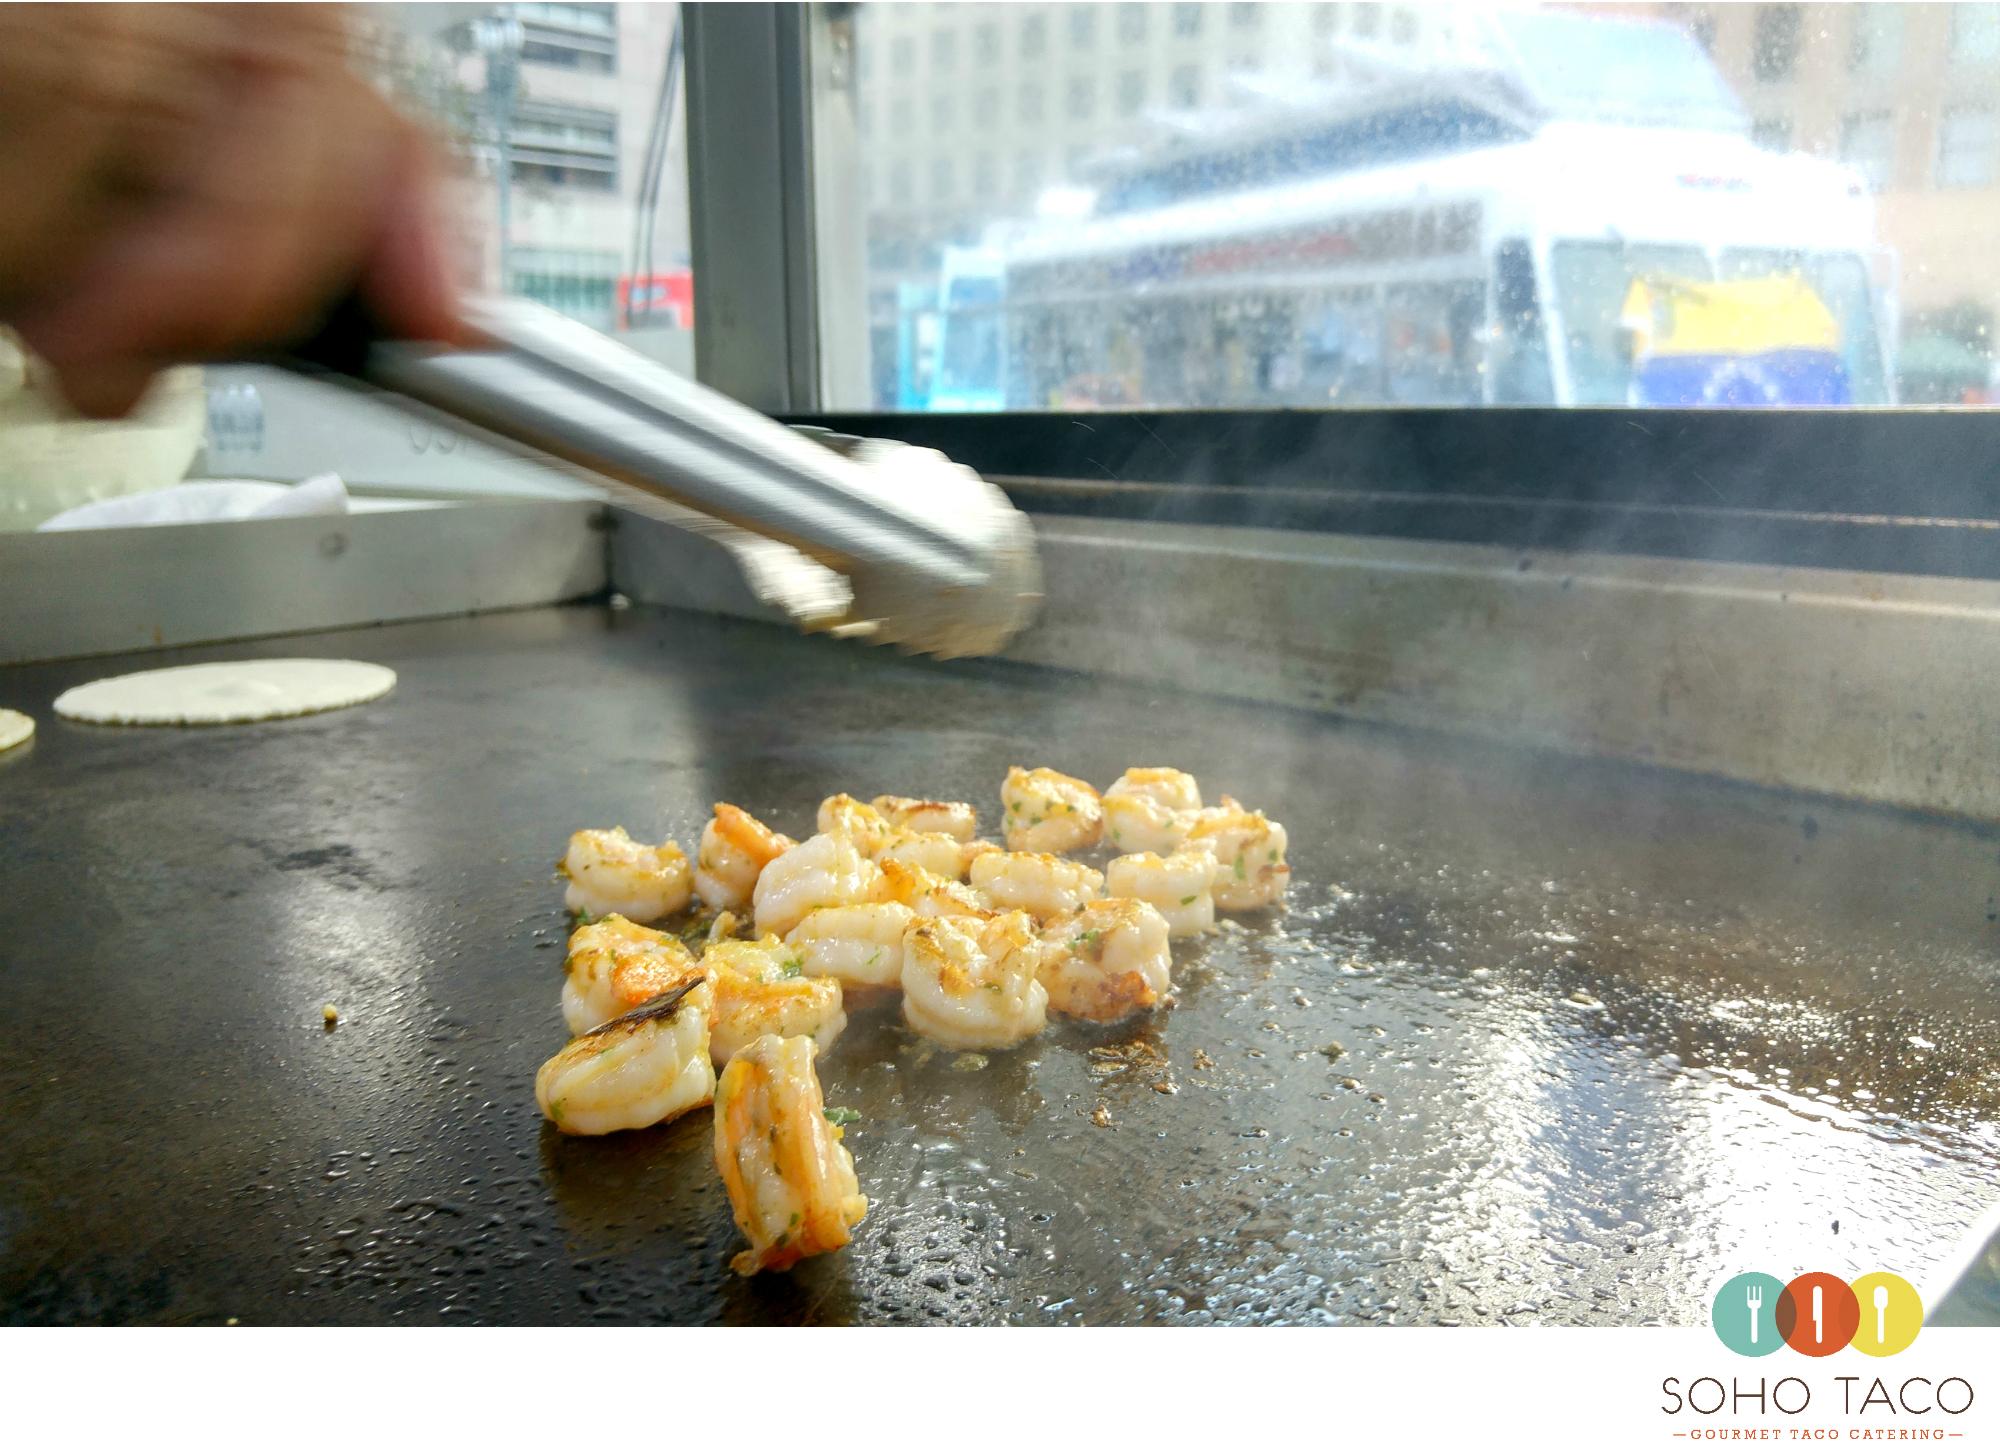 SOHO TACO Gourmet Taco Catering - Los Angeles - Camarones - Shrimp Tacos - LA Art Walk - DTLA